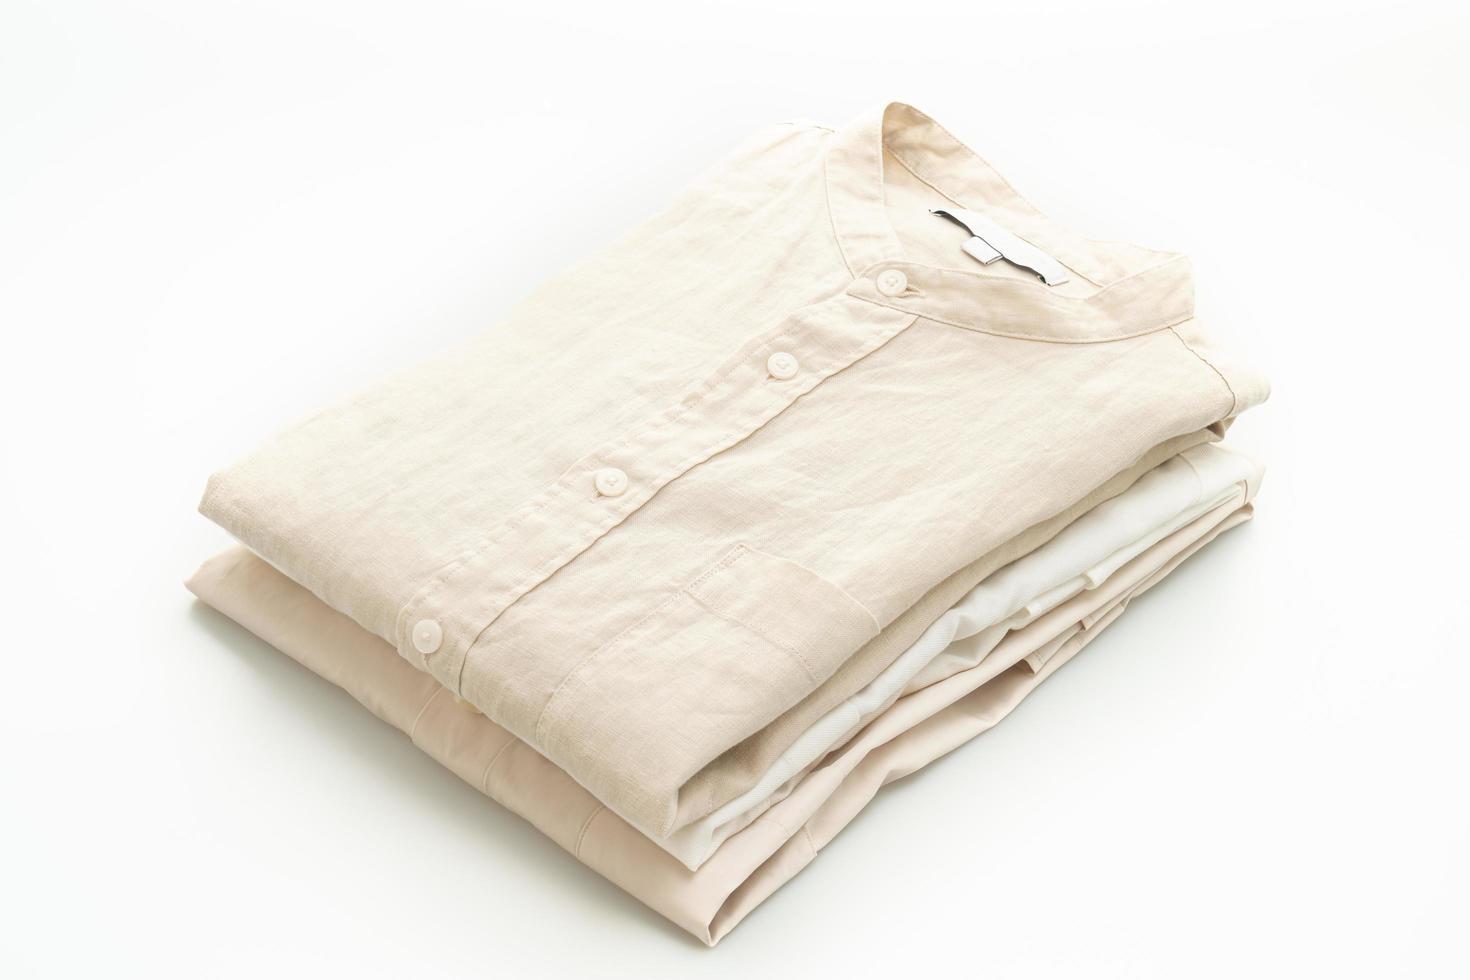 Beige Hemden gefaltet isoliert auf weißem Hintergrund foto